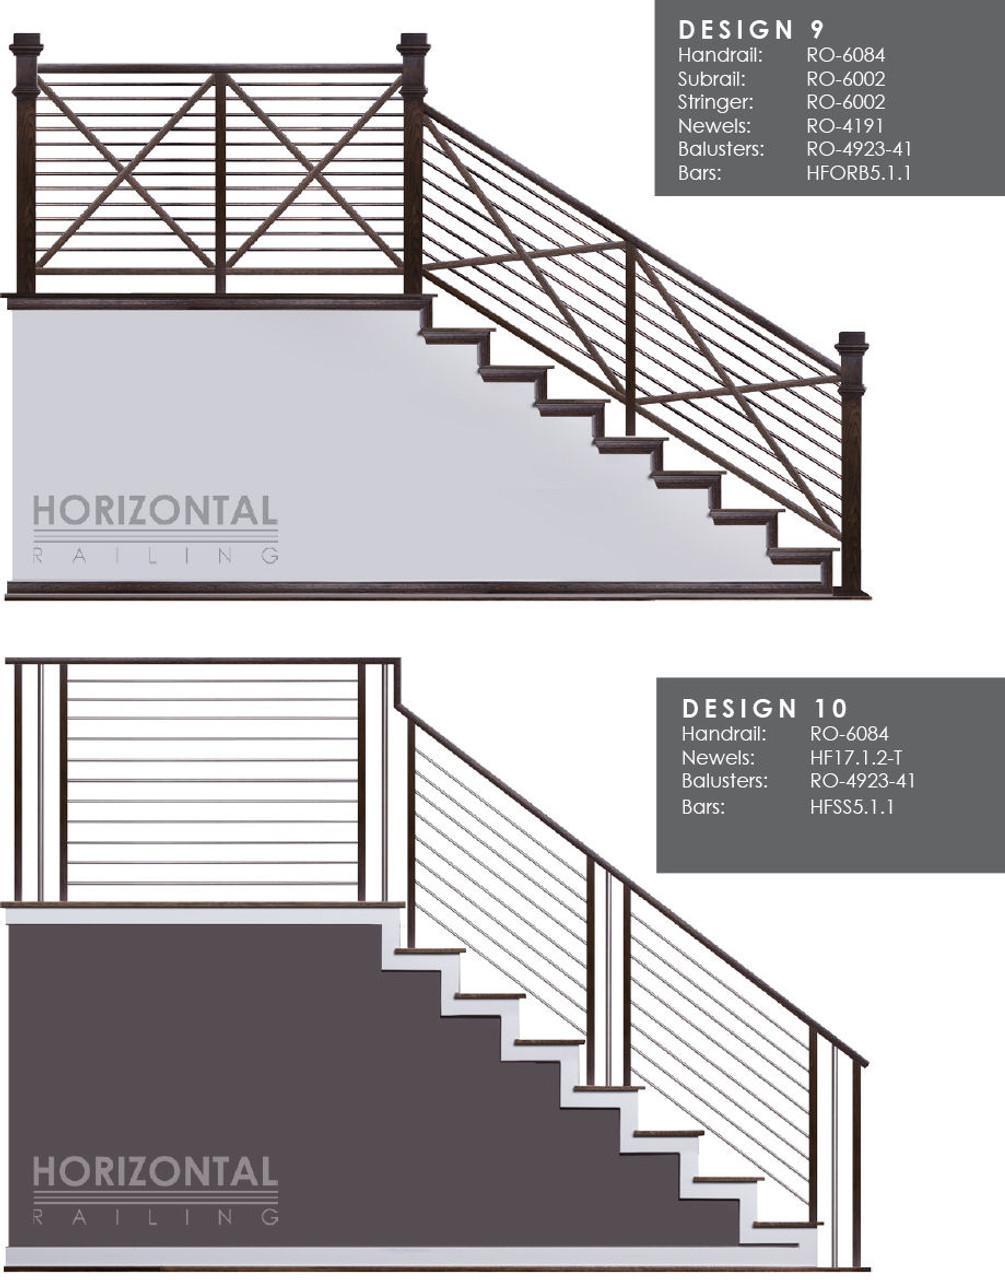 Horizontal Bar Design 9 and 10